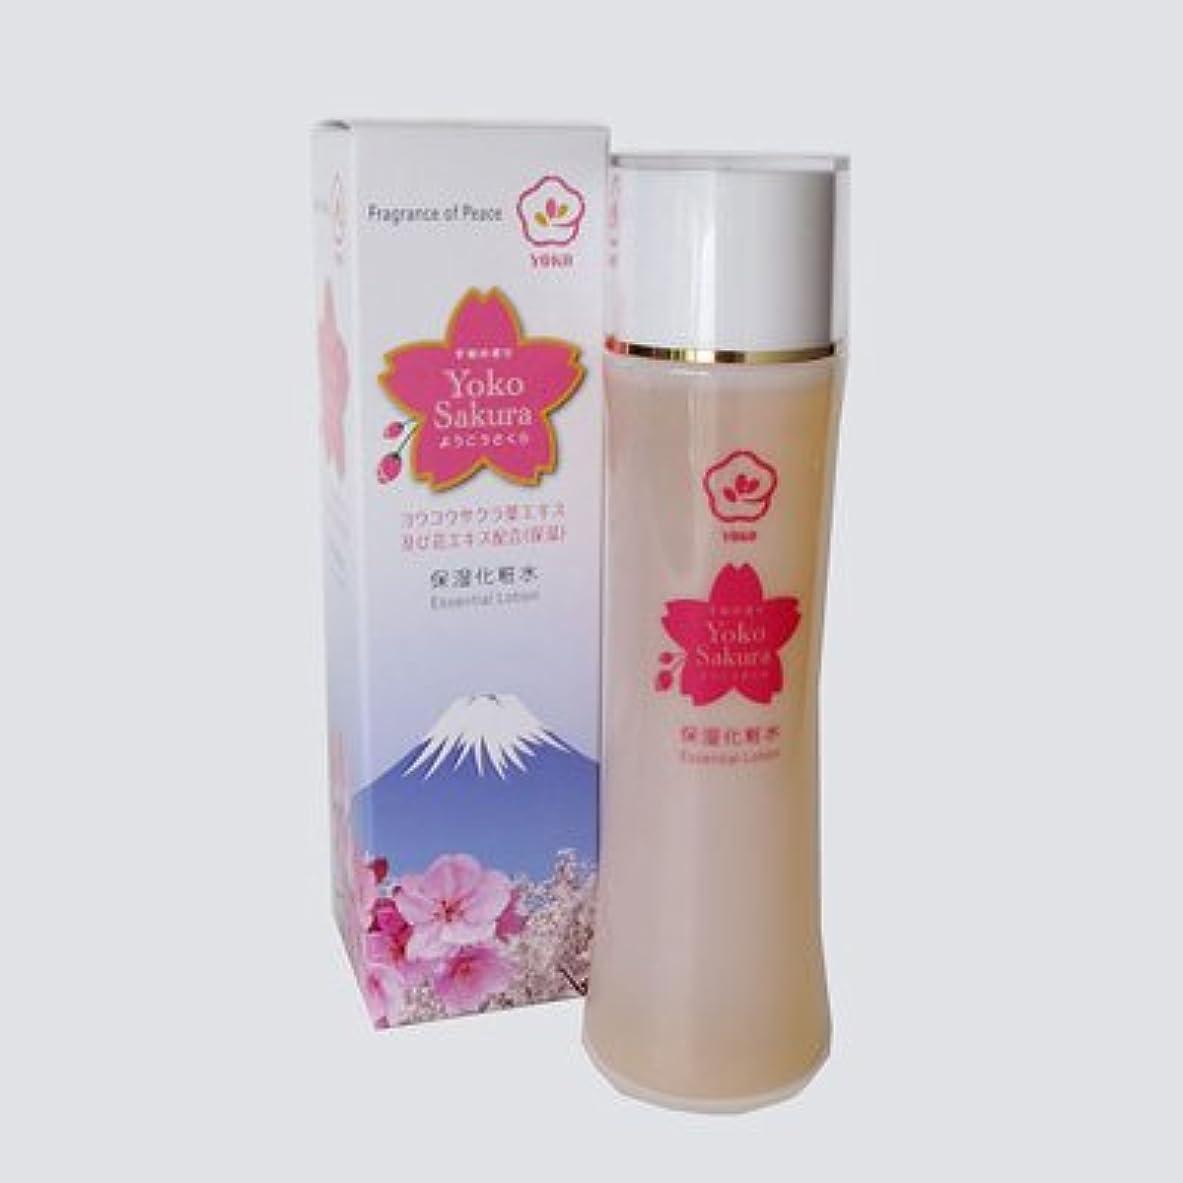 フェードピュー甘美な陽光ローション(保湿化粧水) 陽光桜のエキス配合の保湿化粧水。敏感肌の方にもどうぞ